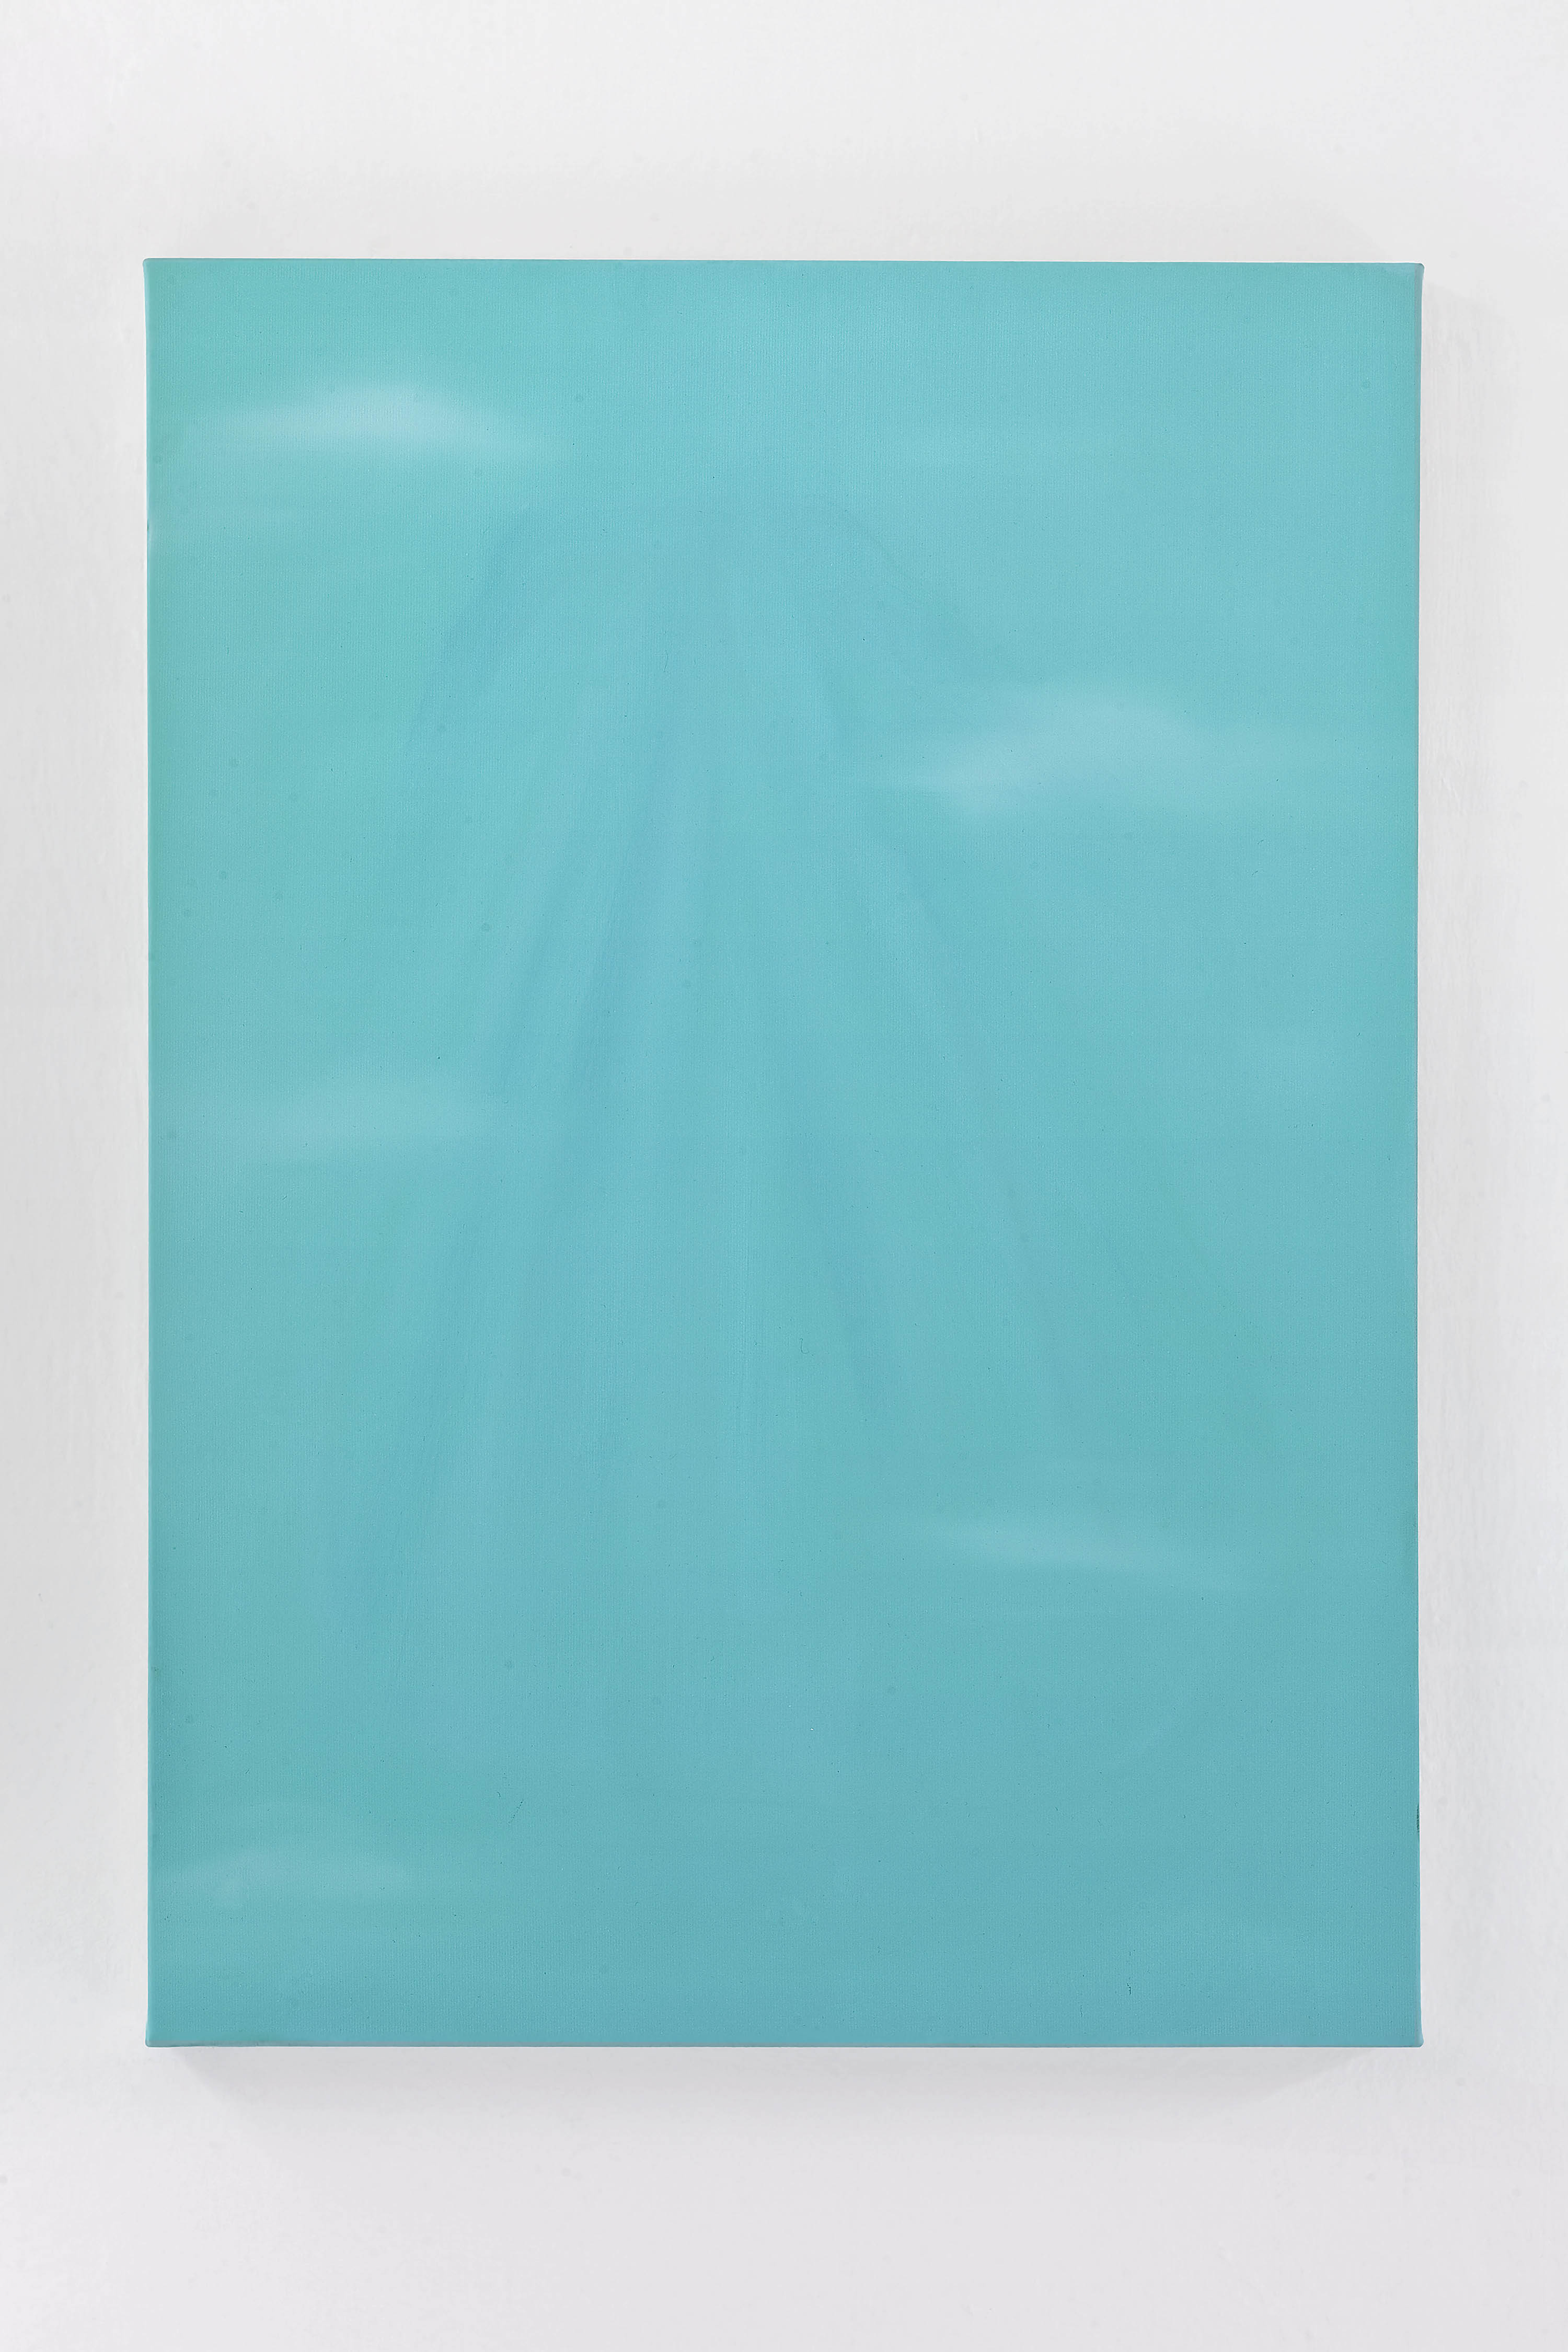 14 - Guendalina Cerruti at Studiolo Installation view 2015 - Courtesy Artist and Studiolo Milan copia